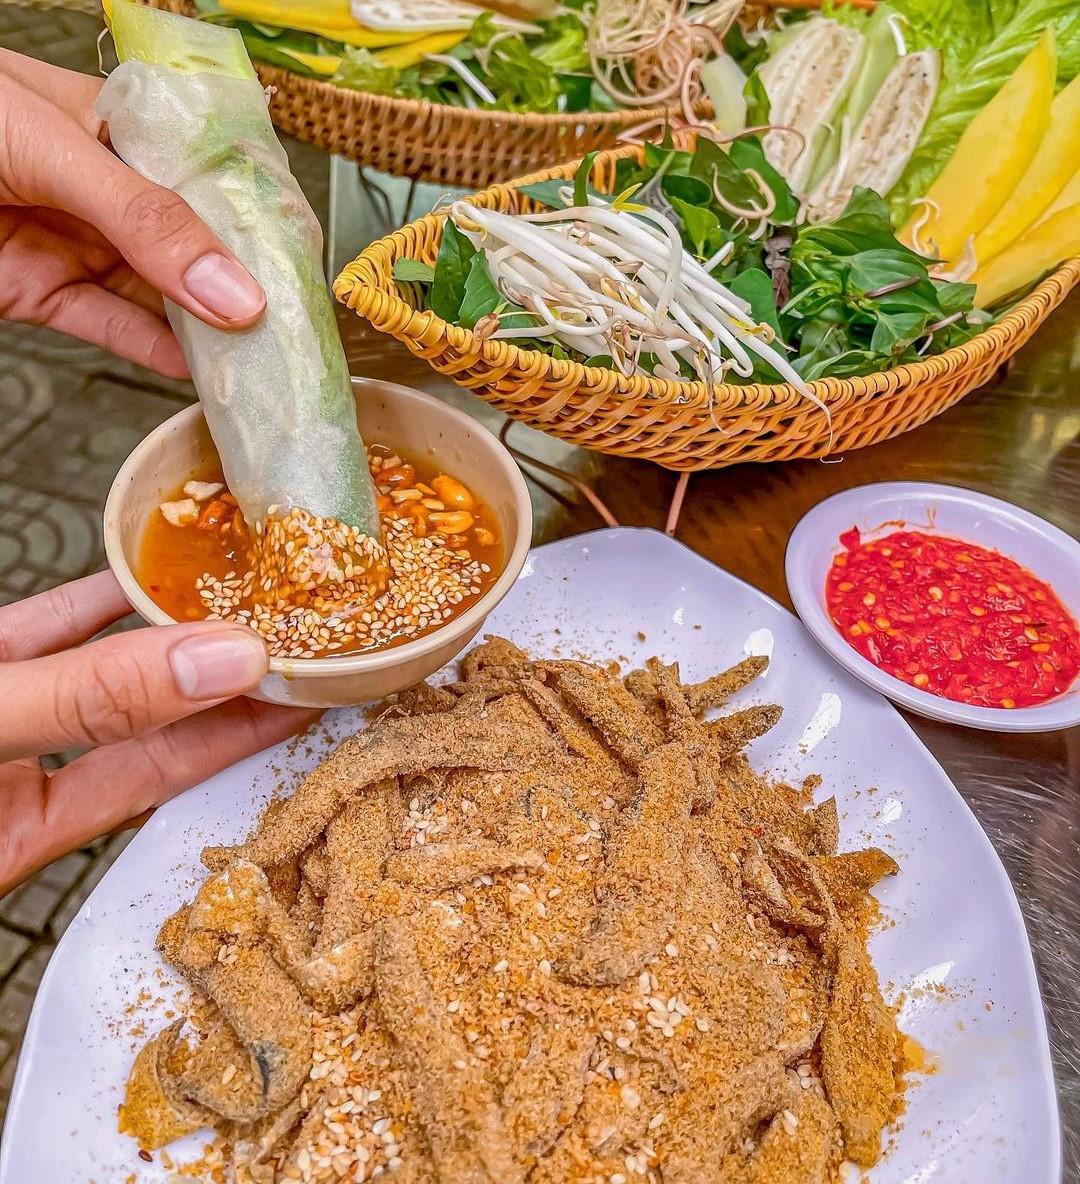 Khi ăn, món gỏi khô dùng kèm với bánh tráng cuốn tròn chắc tay, bên trong là gỏi cá, các loại rau rừng tươi ngon chấm với nước chấm hấp dẫn.